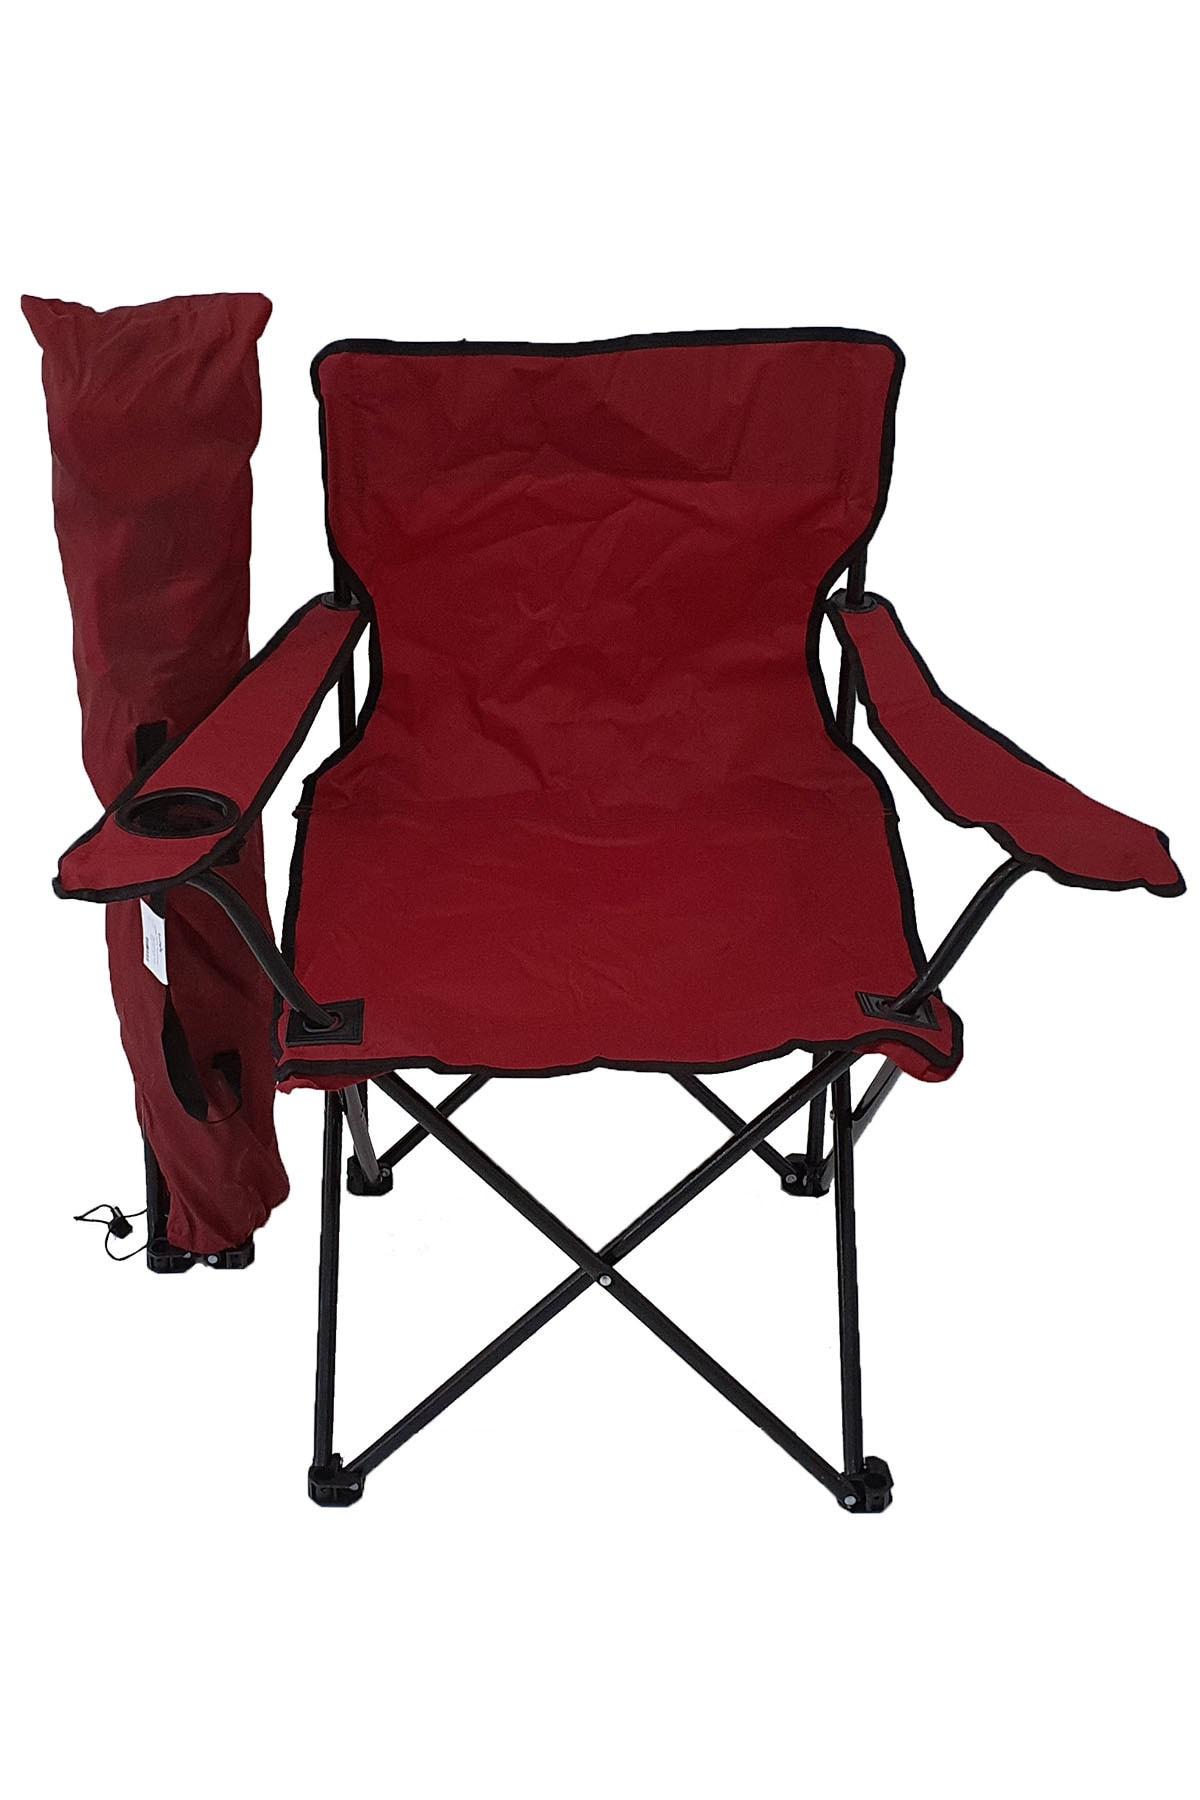 Kamp Sandalyesi Piknik Sandalyesi Katlanır Sandalye Taşıma Çantalı Kamp Sandalyesi Kırmızı